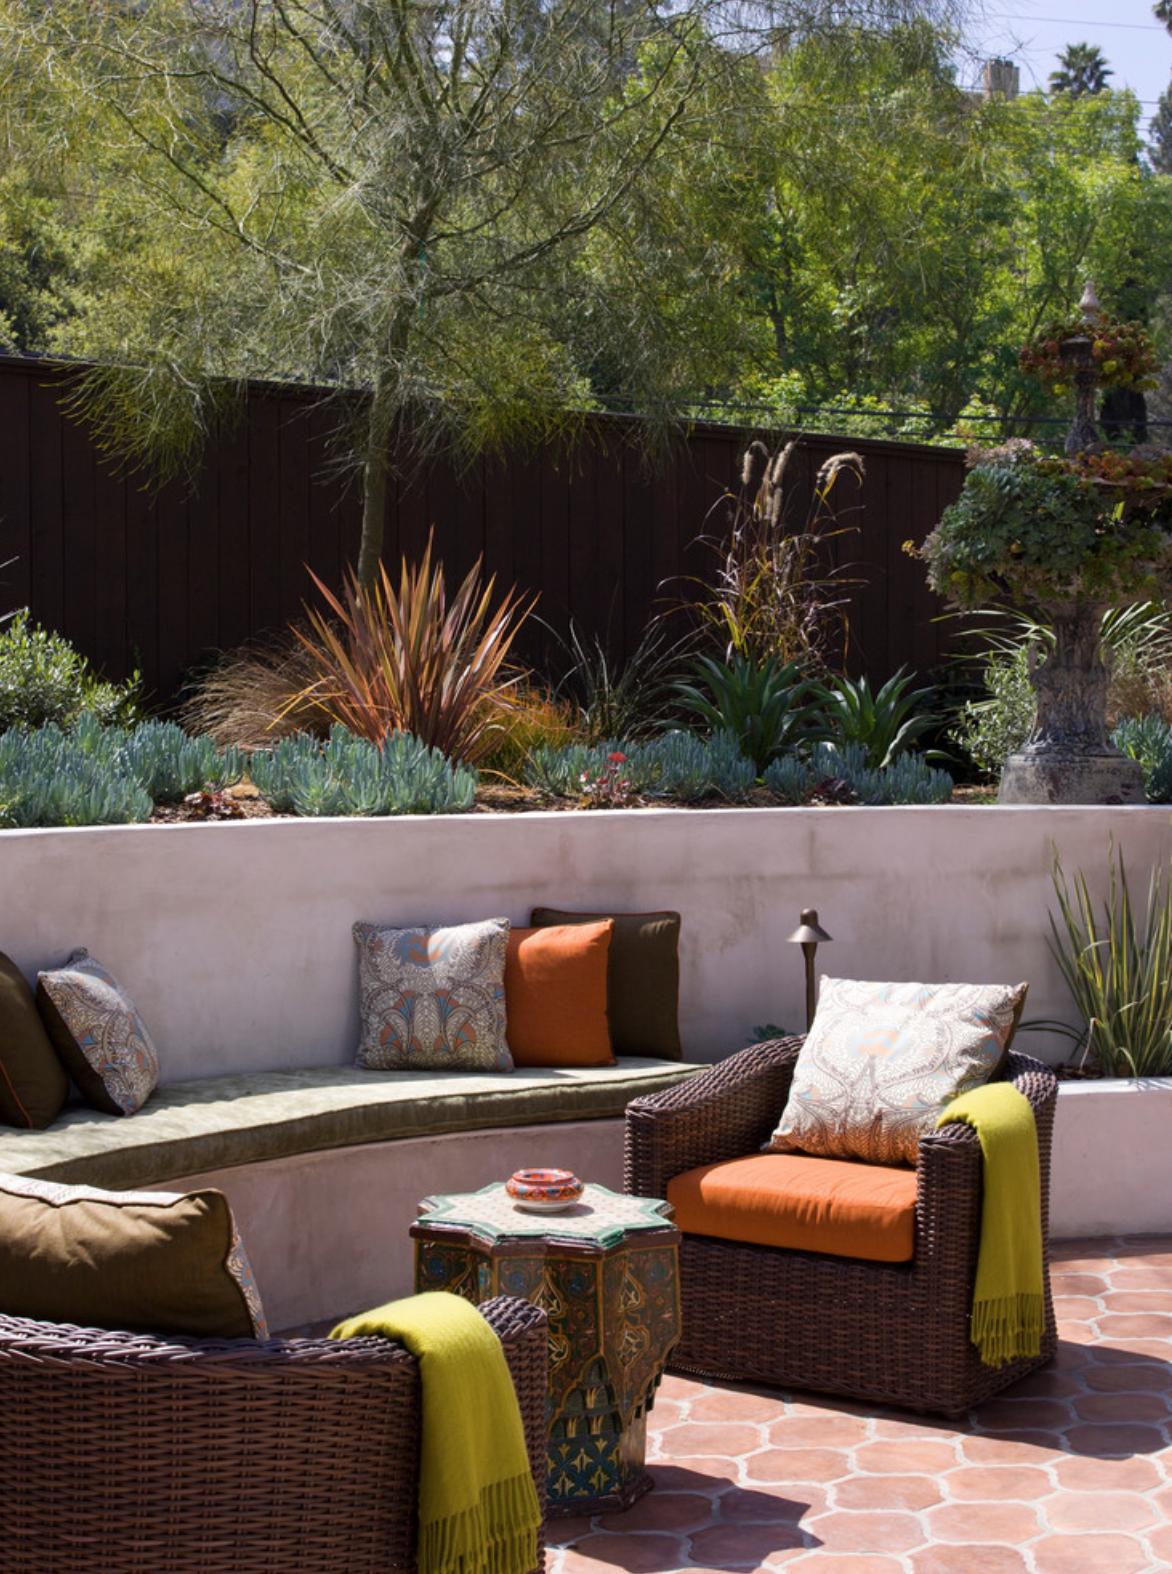 Outdoor Patio in Los Angeles home